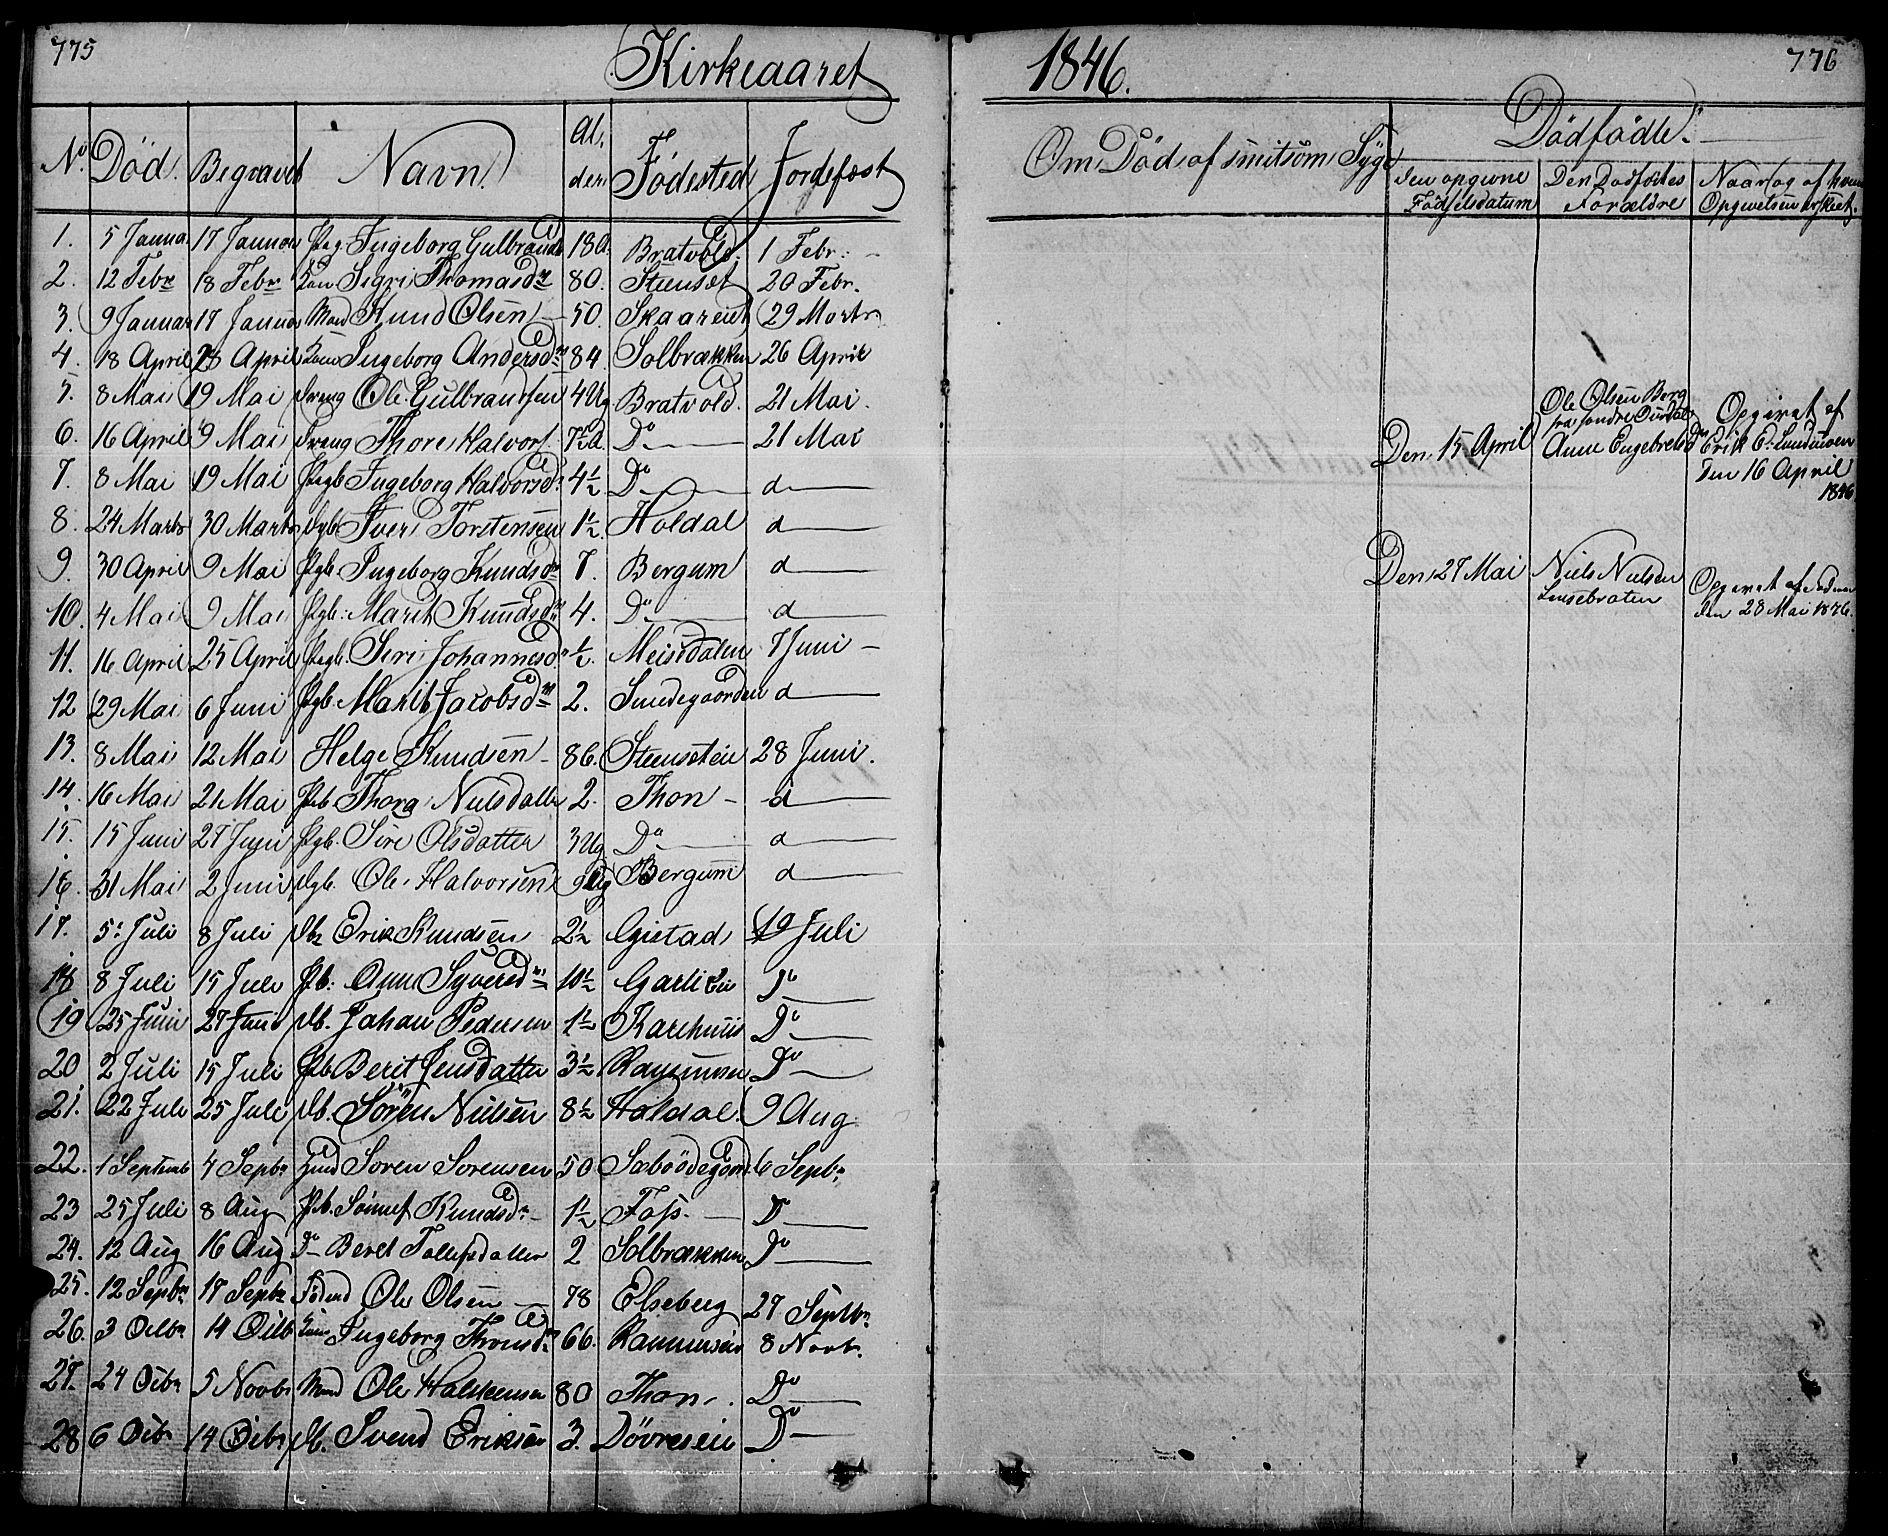 SAH, Nord-Aurdal prestekontor, Klokkerbok nr. 1, 1834-1887, s. 775-776